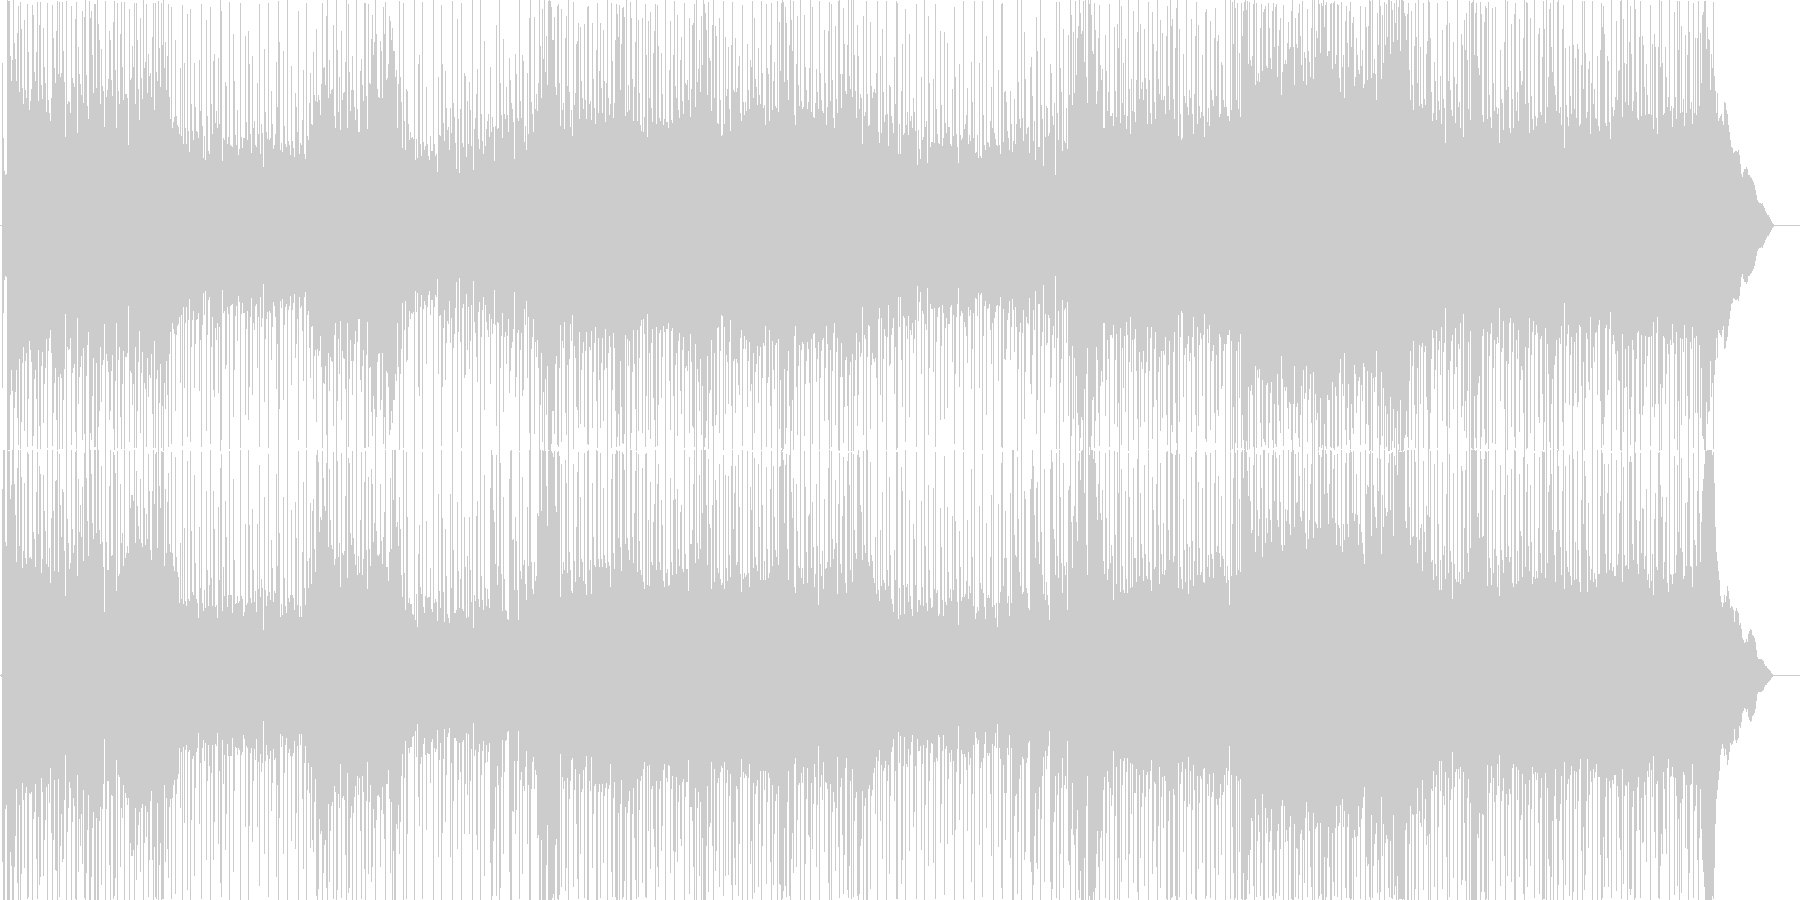 ハードロックギター、声、混乱、ギタ...の未再生の波形